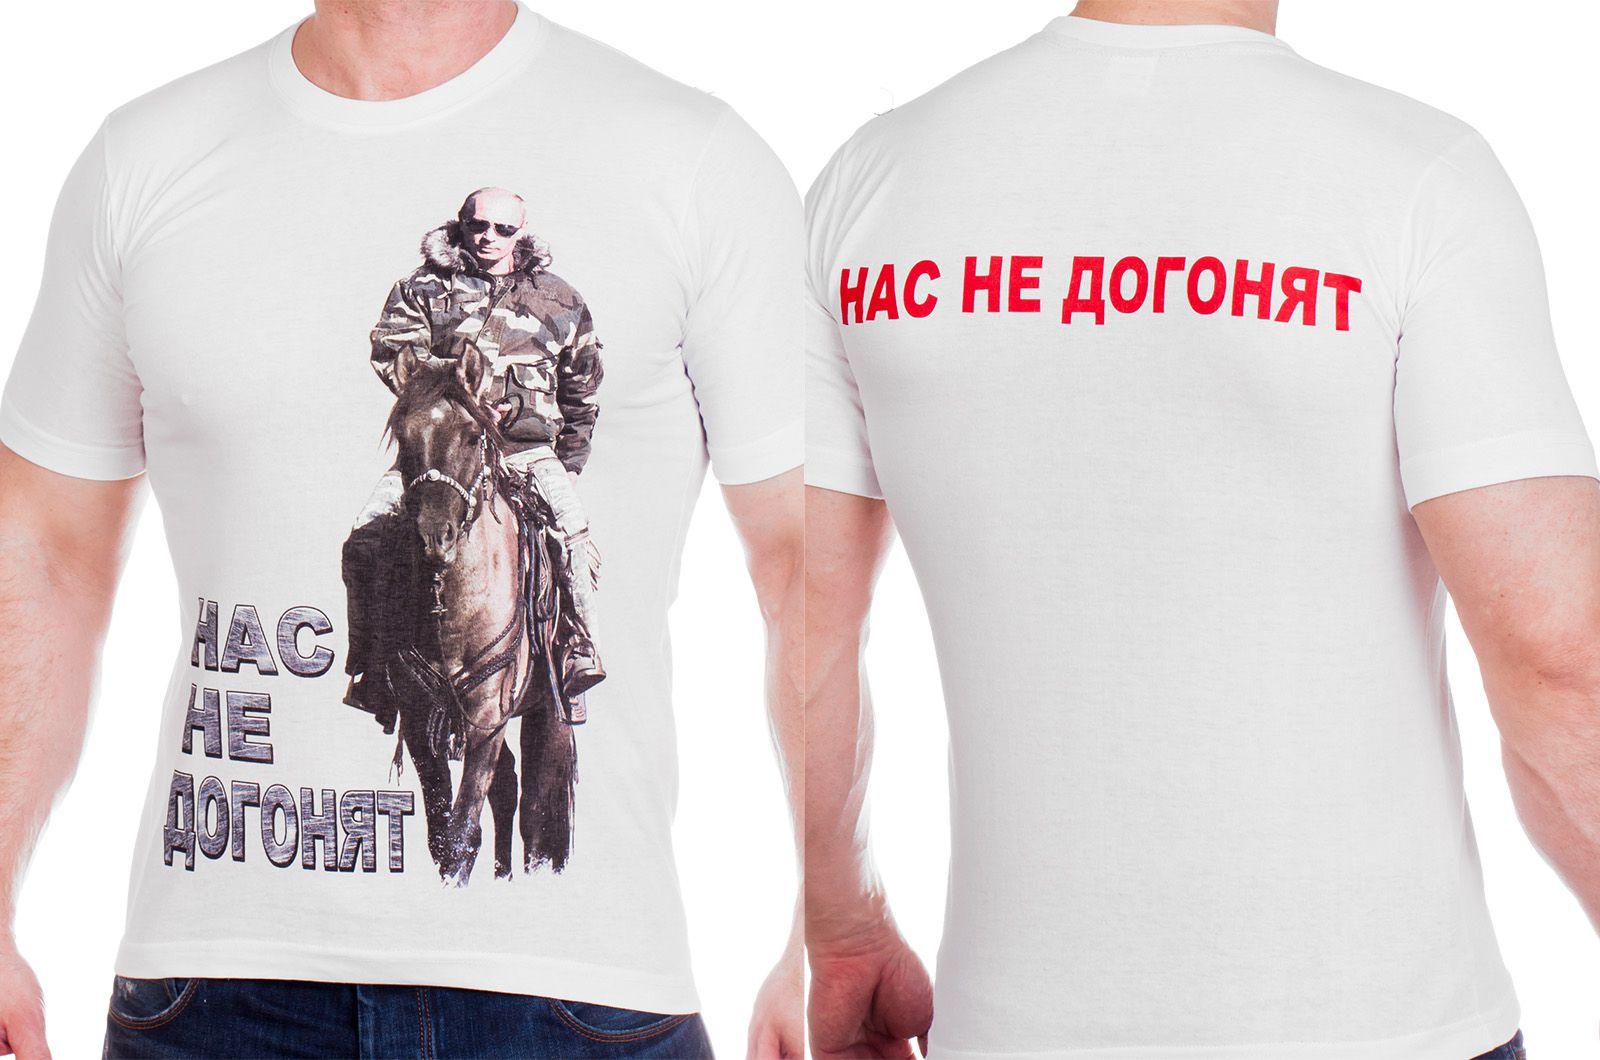 Заказать футболки с Владимиром Путиным